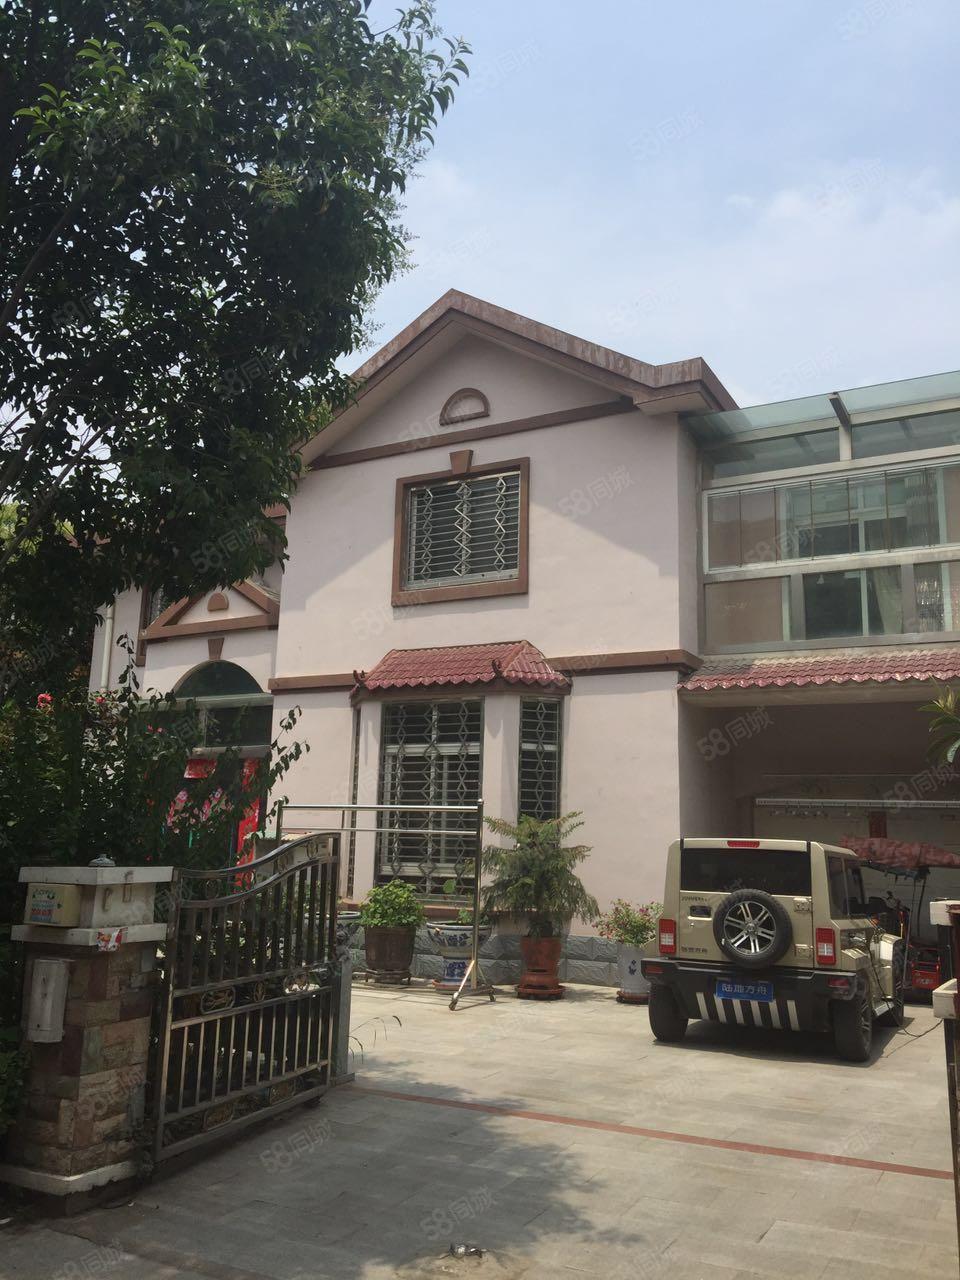 兰亭山水独栋别墅,带小院,独具特色自然资源宁静和谐